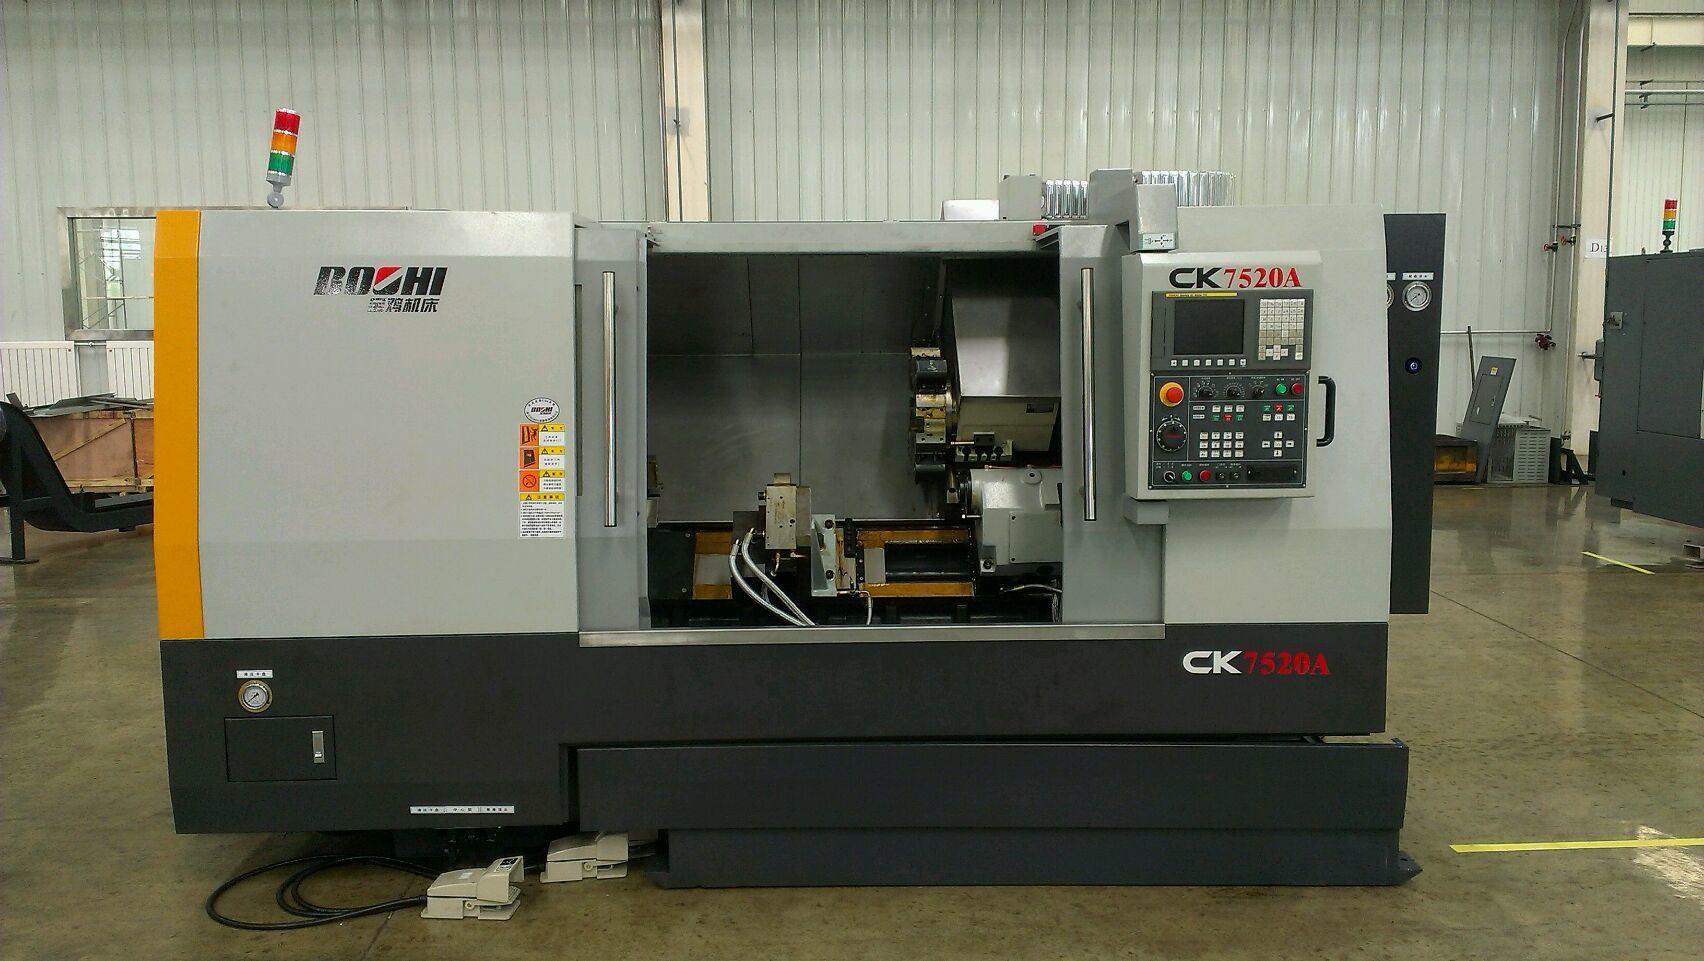 Ck7520 Sereis Slant-Bed CNC Lathe